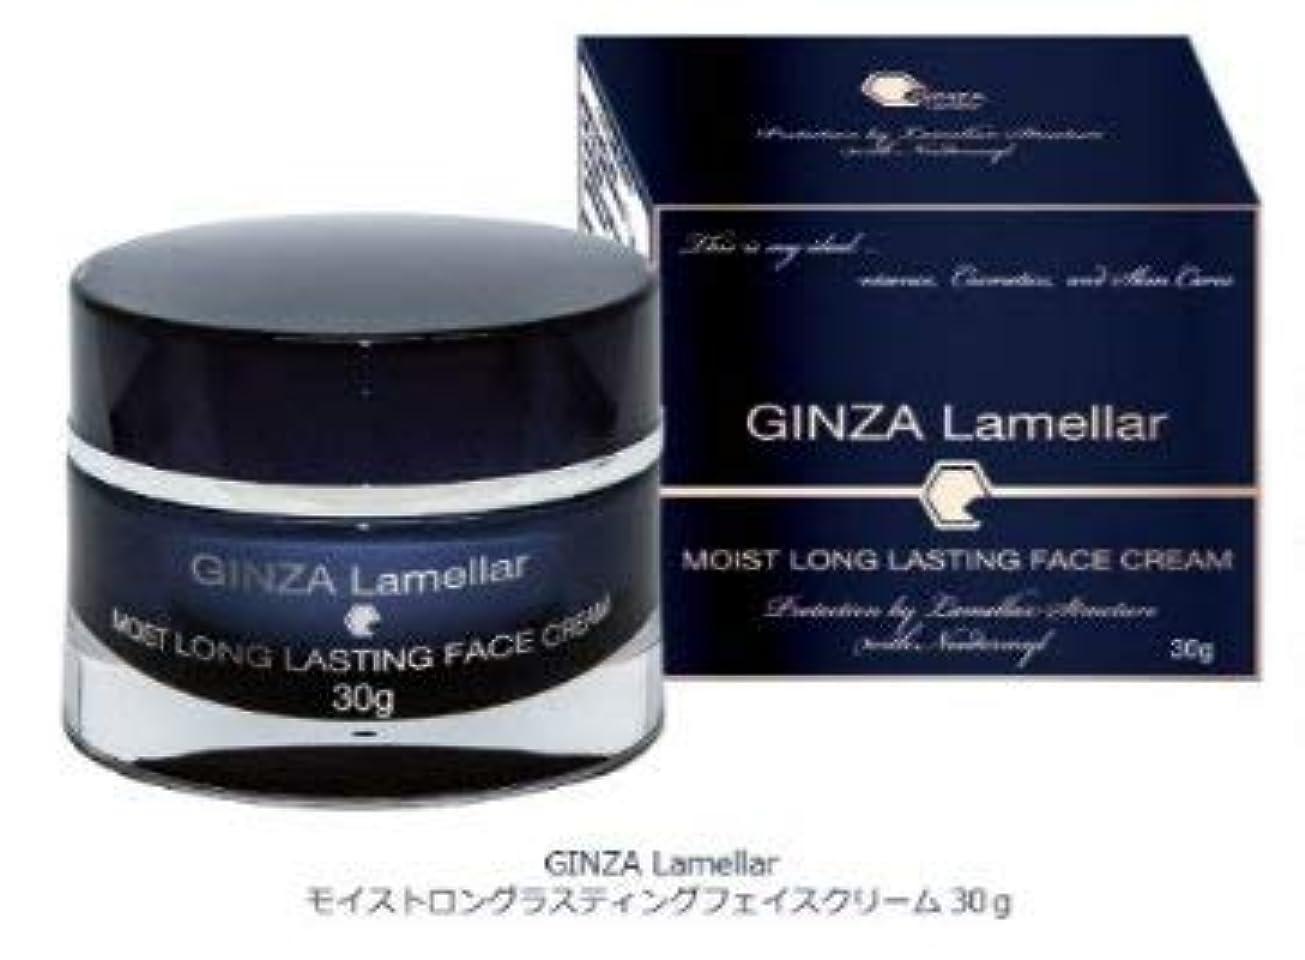 ガチョウハリケーンスリップシューズGINZA Lamellar 銀座ラメラ モイストロングラスティング フェイスクリーム (顔用クリーム) 30g